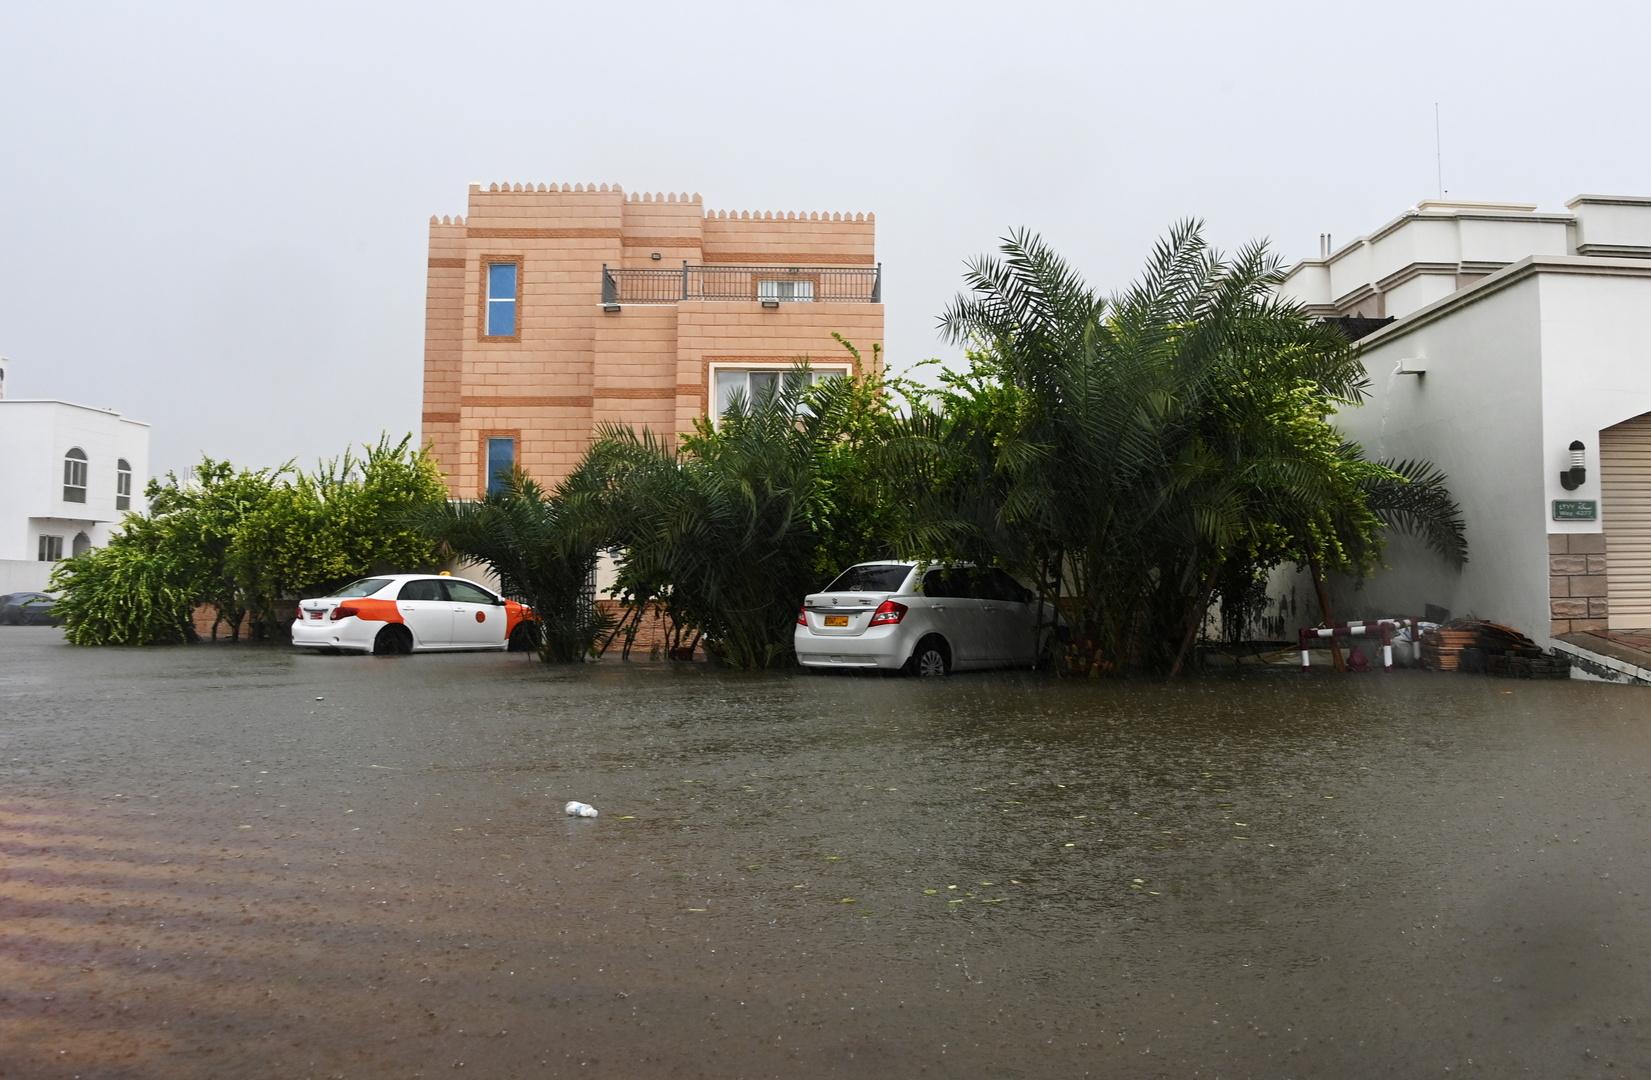 الإعصار شاهين في العاصمة العمانية مسقط